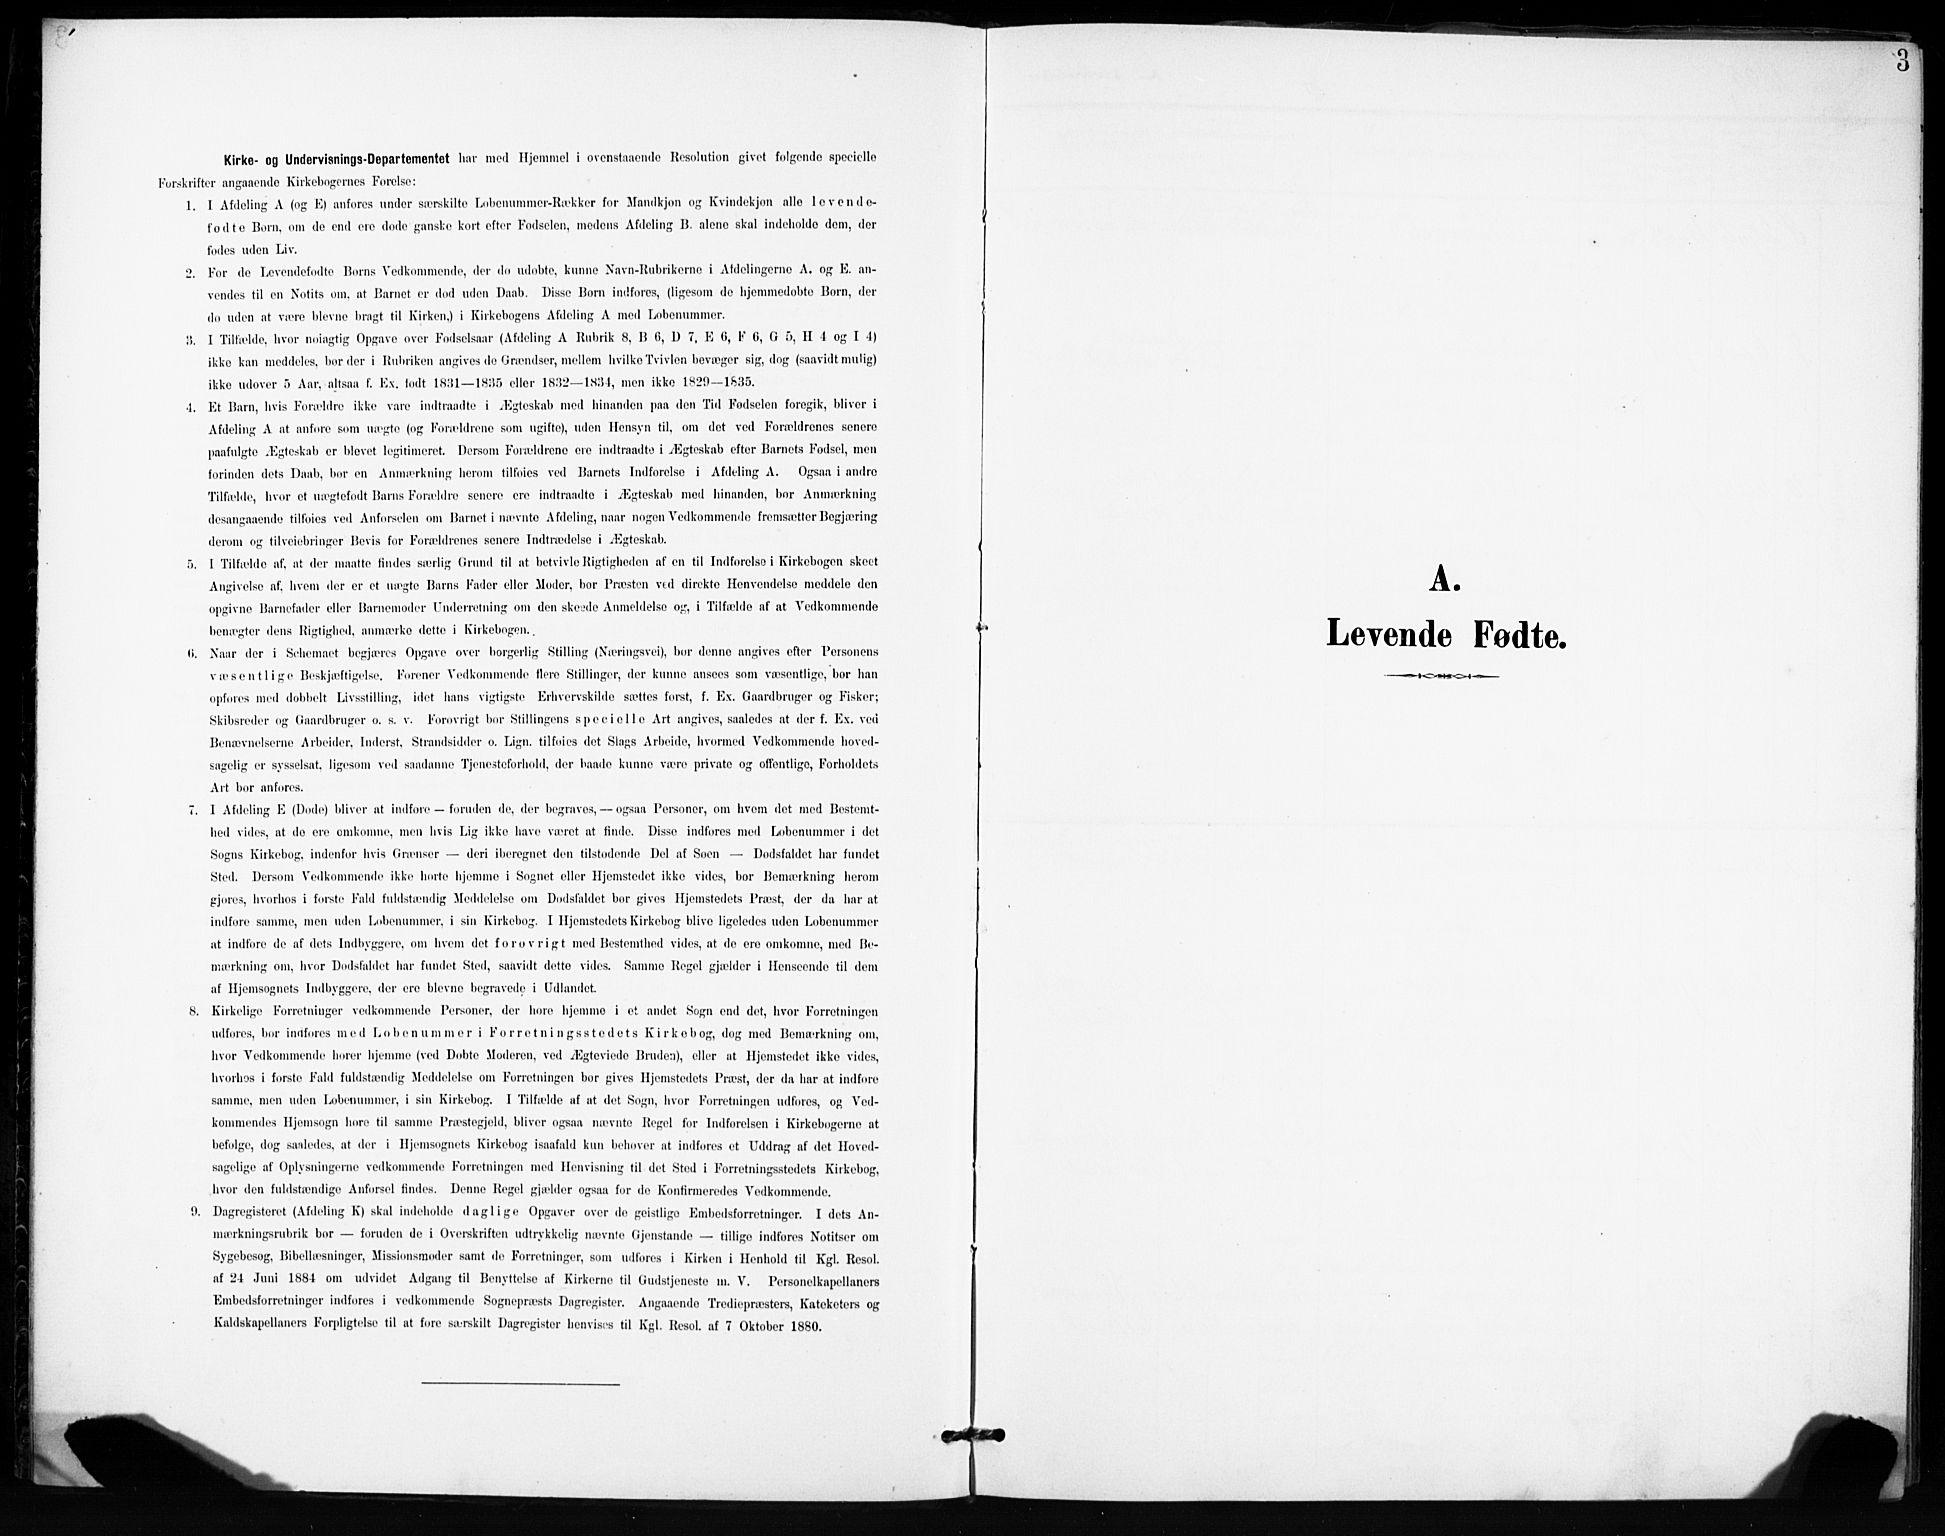 SAT, Ministerialprotokoller, klokkerbøker og fødselsregistre - Sør-Trøndelag, 666/L0787: Ministerialbok nr. 666A05, 1895-1908, s. 3